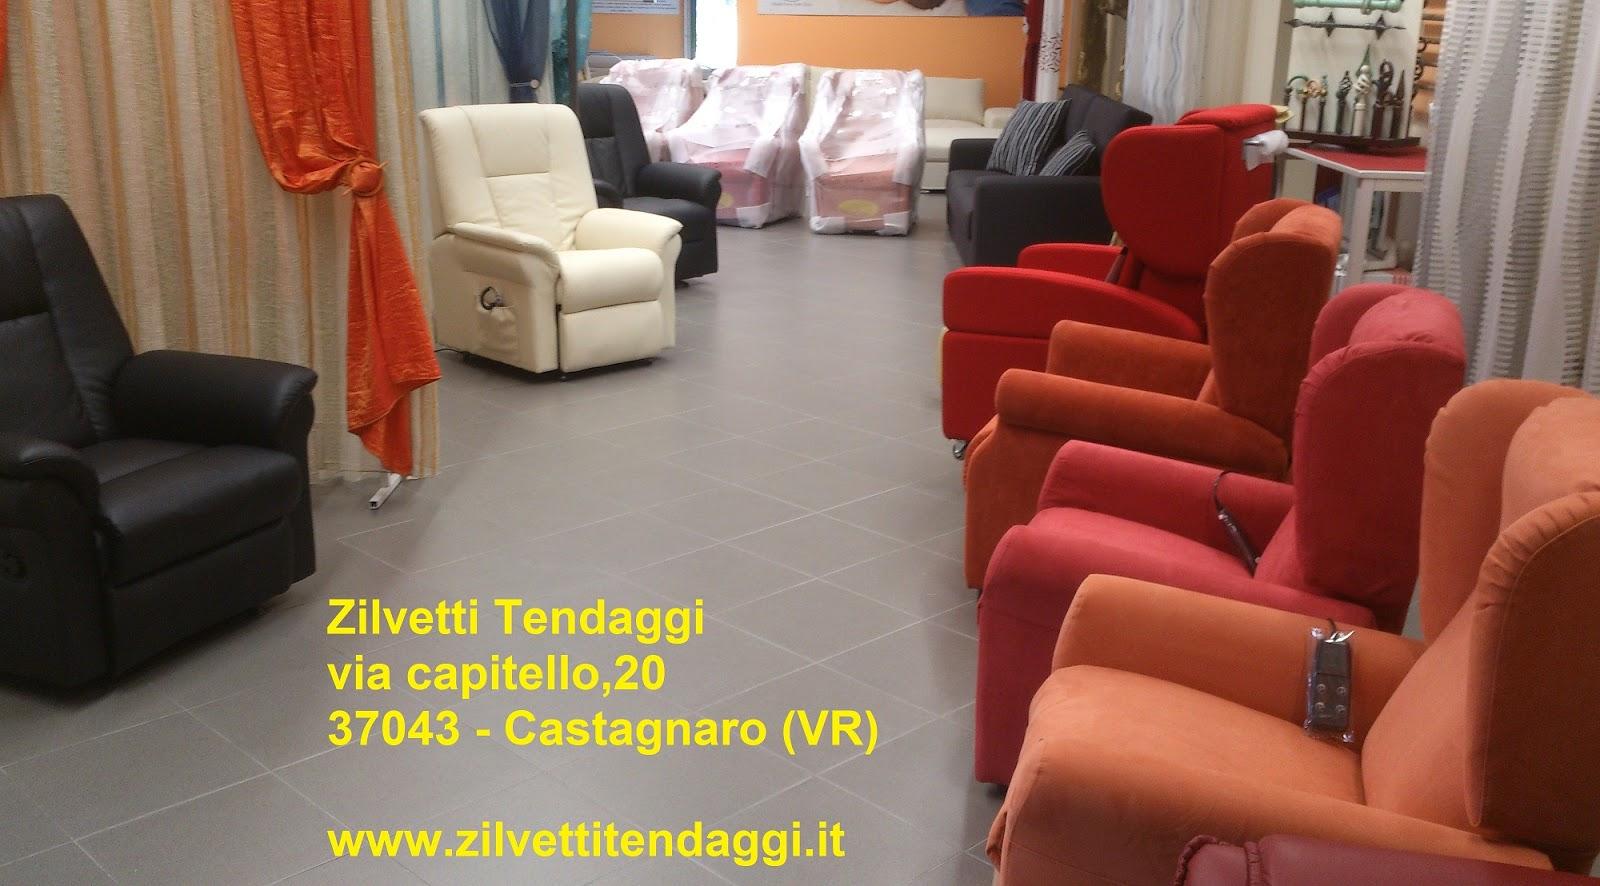 Vendita Poltrone Reclinabili Per Anziani E Disabili Ausili  Share The Knownl...